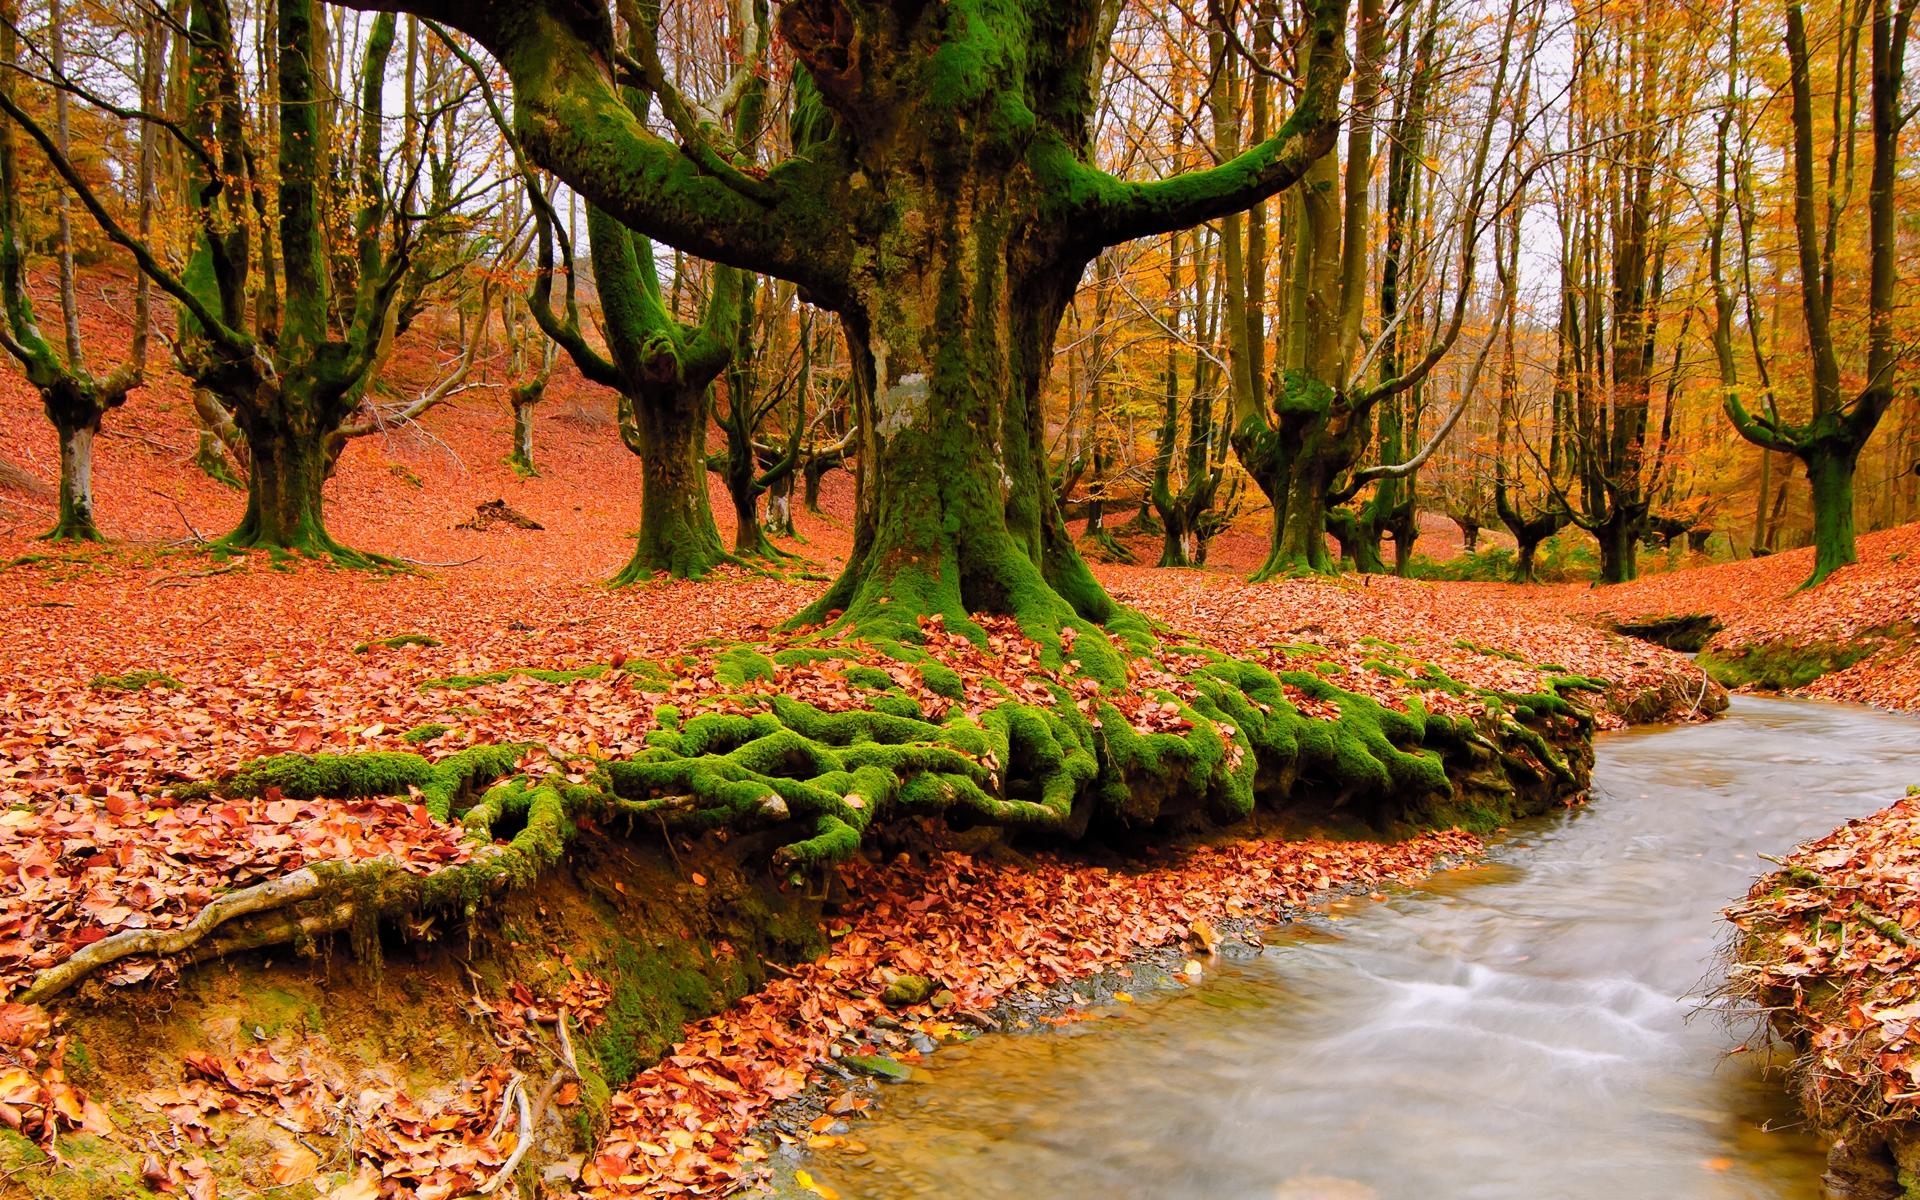 Скачать картинку Река, Деревья, Осень, Пейзаж в телефон бесплатно.